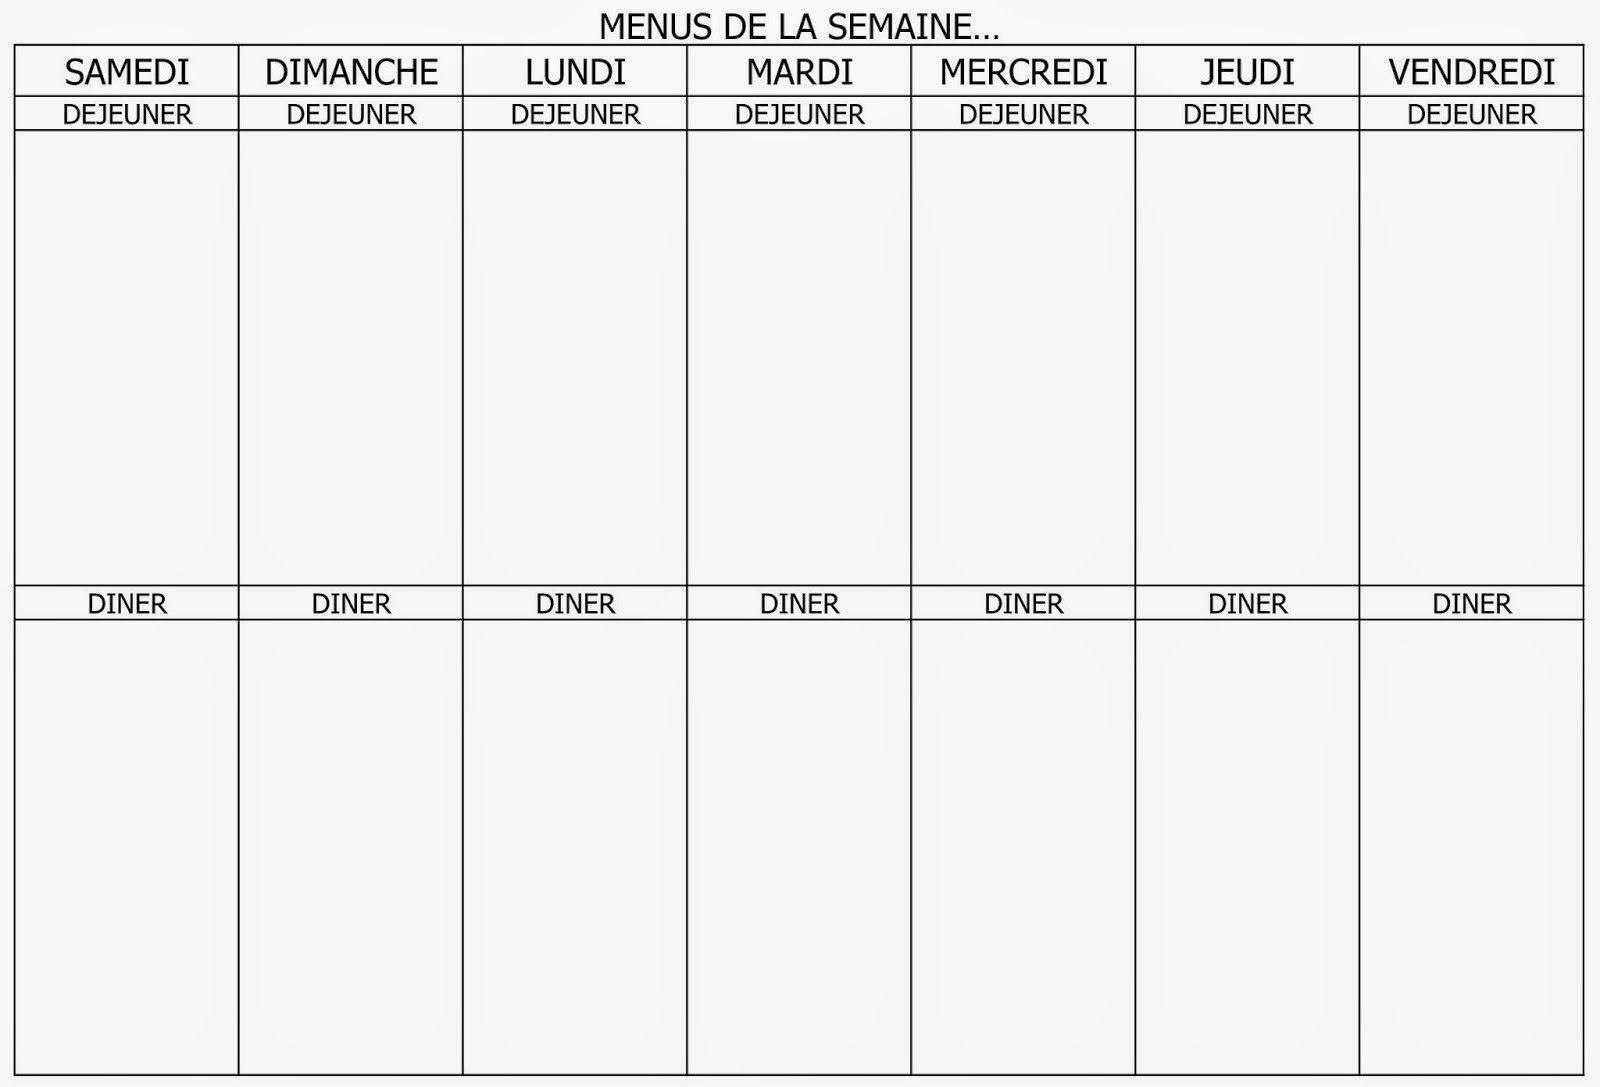 Planning Vierge Menu De La Semaine Recettes Cookeo Avec 6 Et Menu De La Semaine Imprimer 38 1600x1087px Menu De La Semaine Imprimer Marque Page Menu Tips